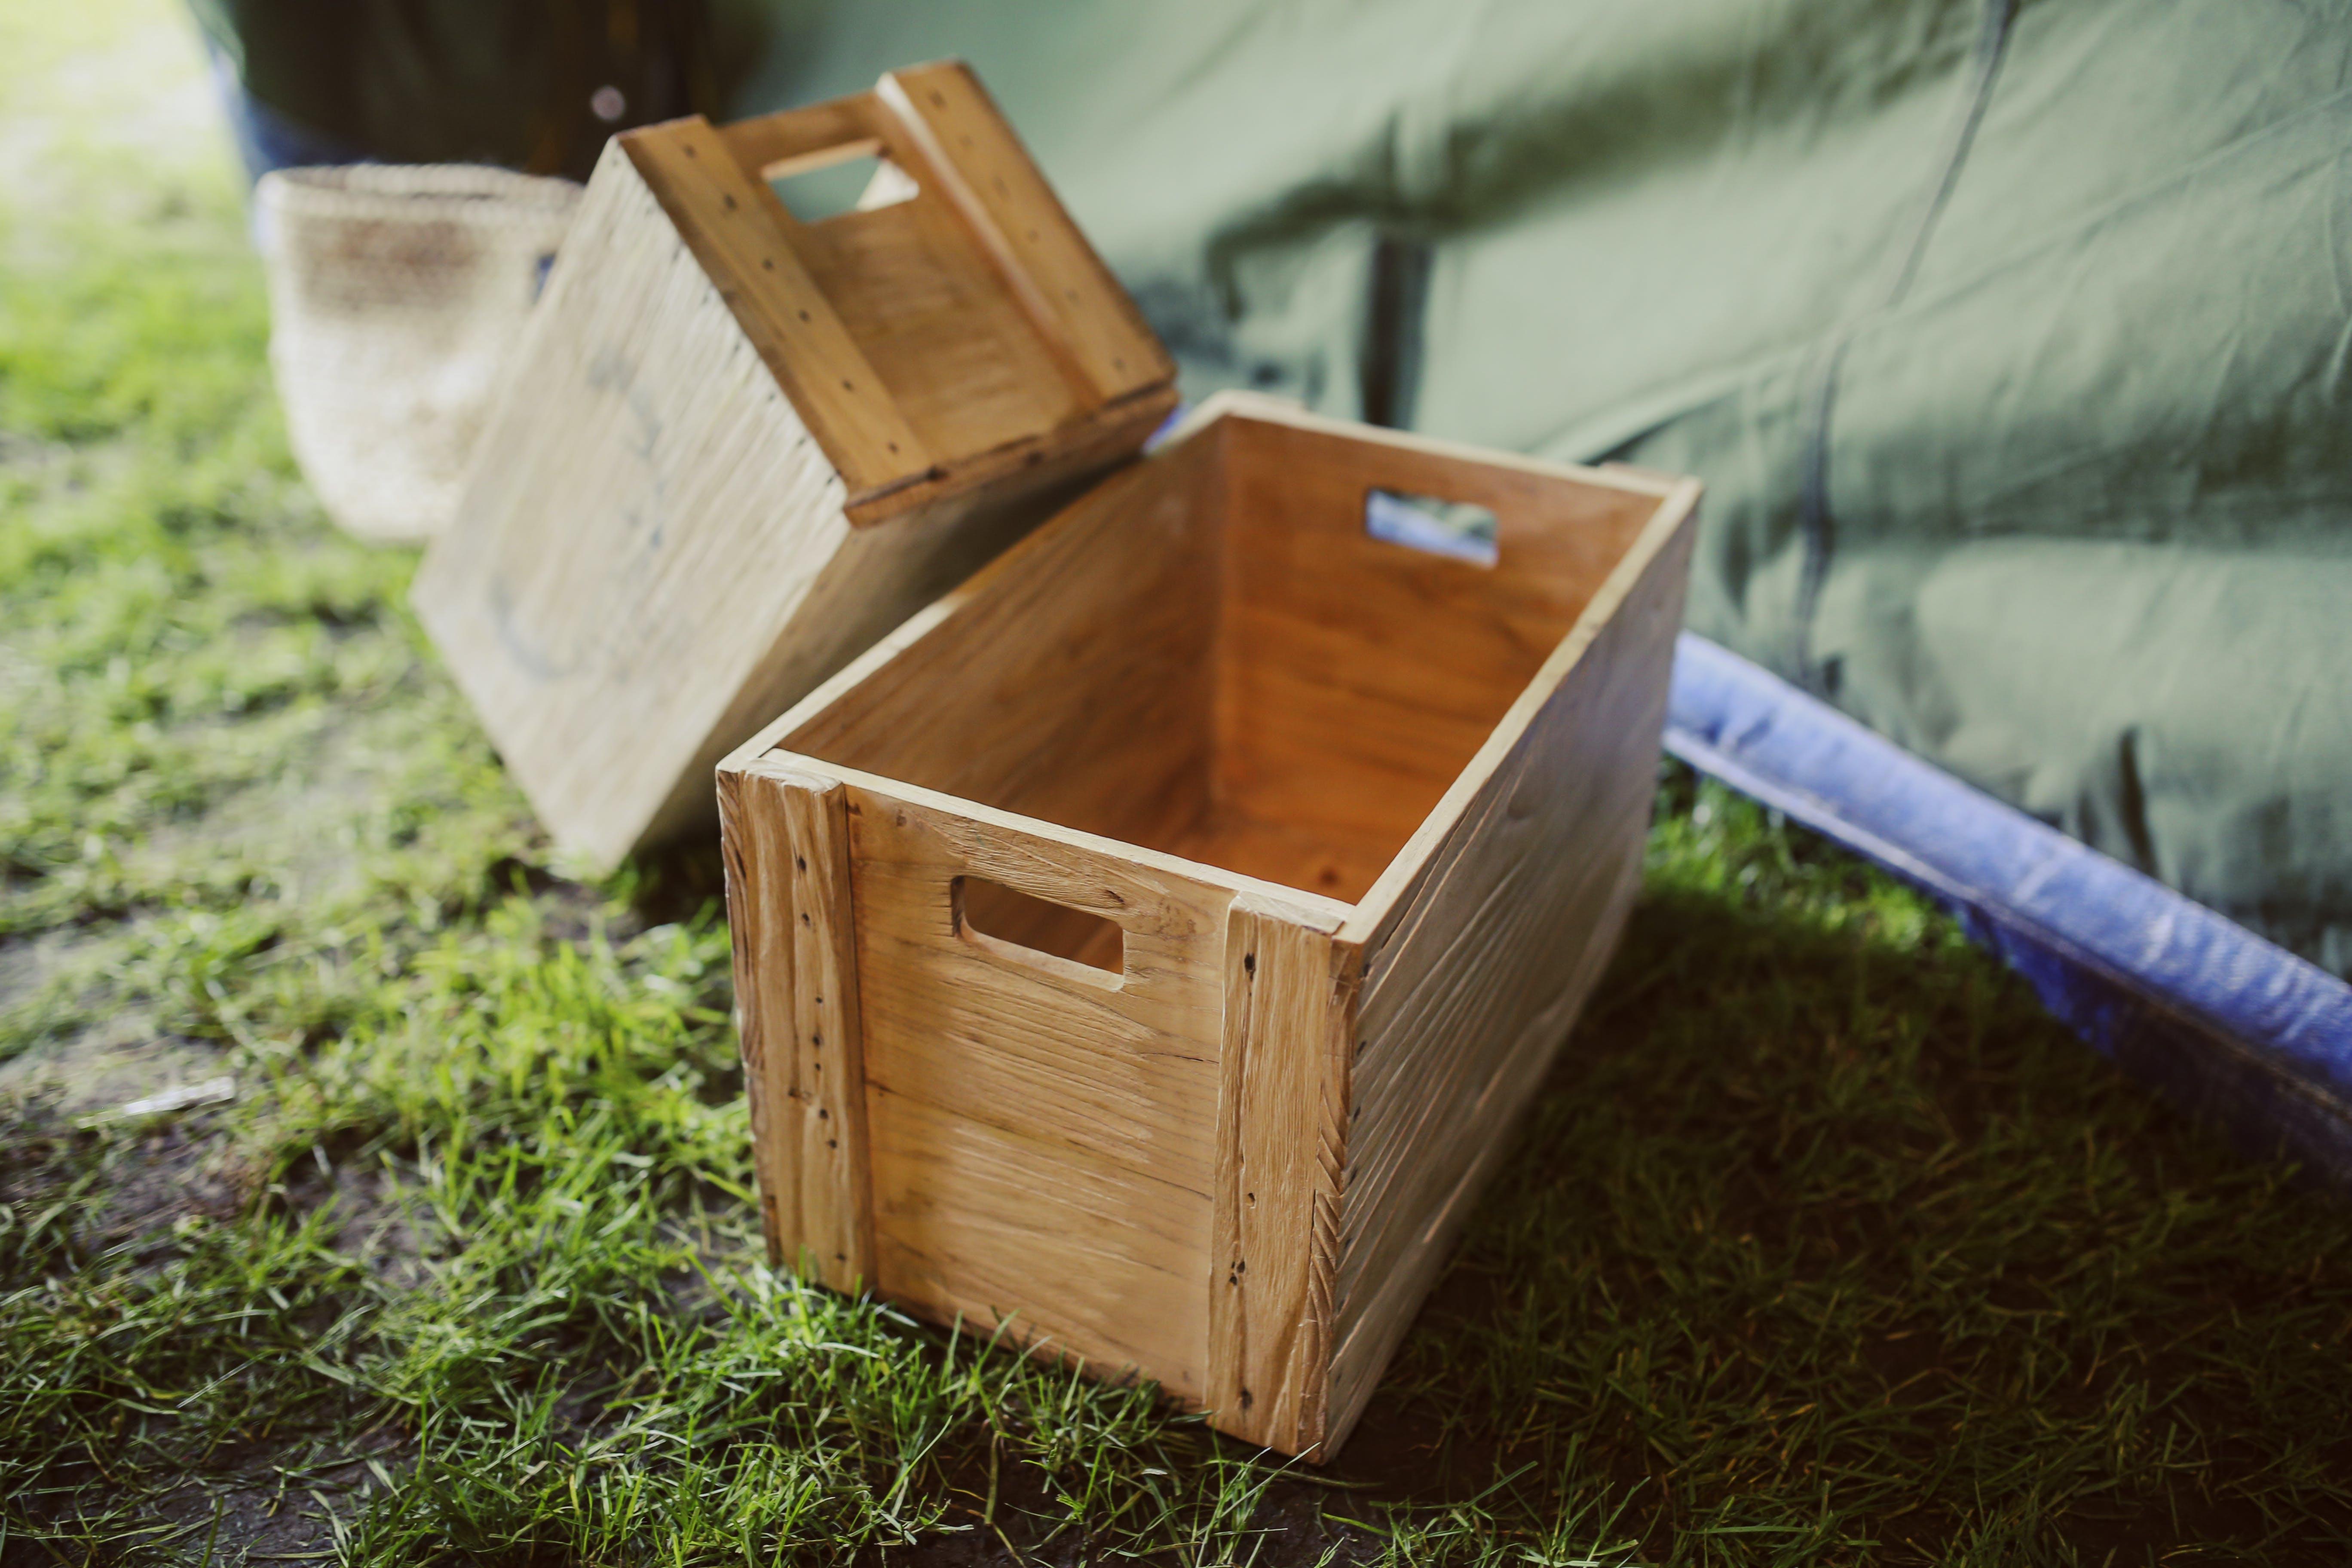 Kostenloses Stock Foto zu außerorts, bauernhof, box, container